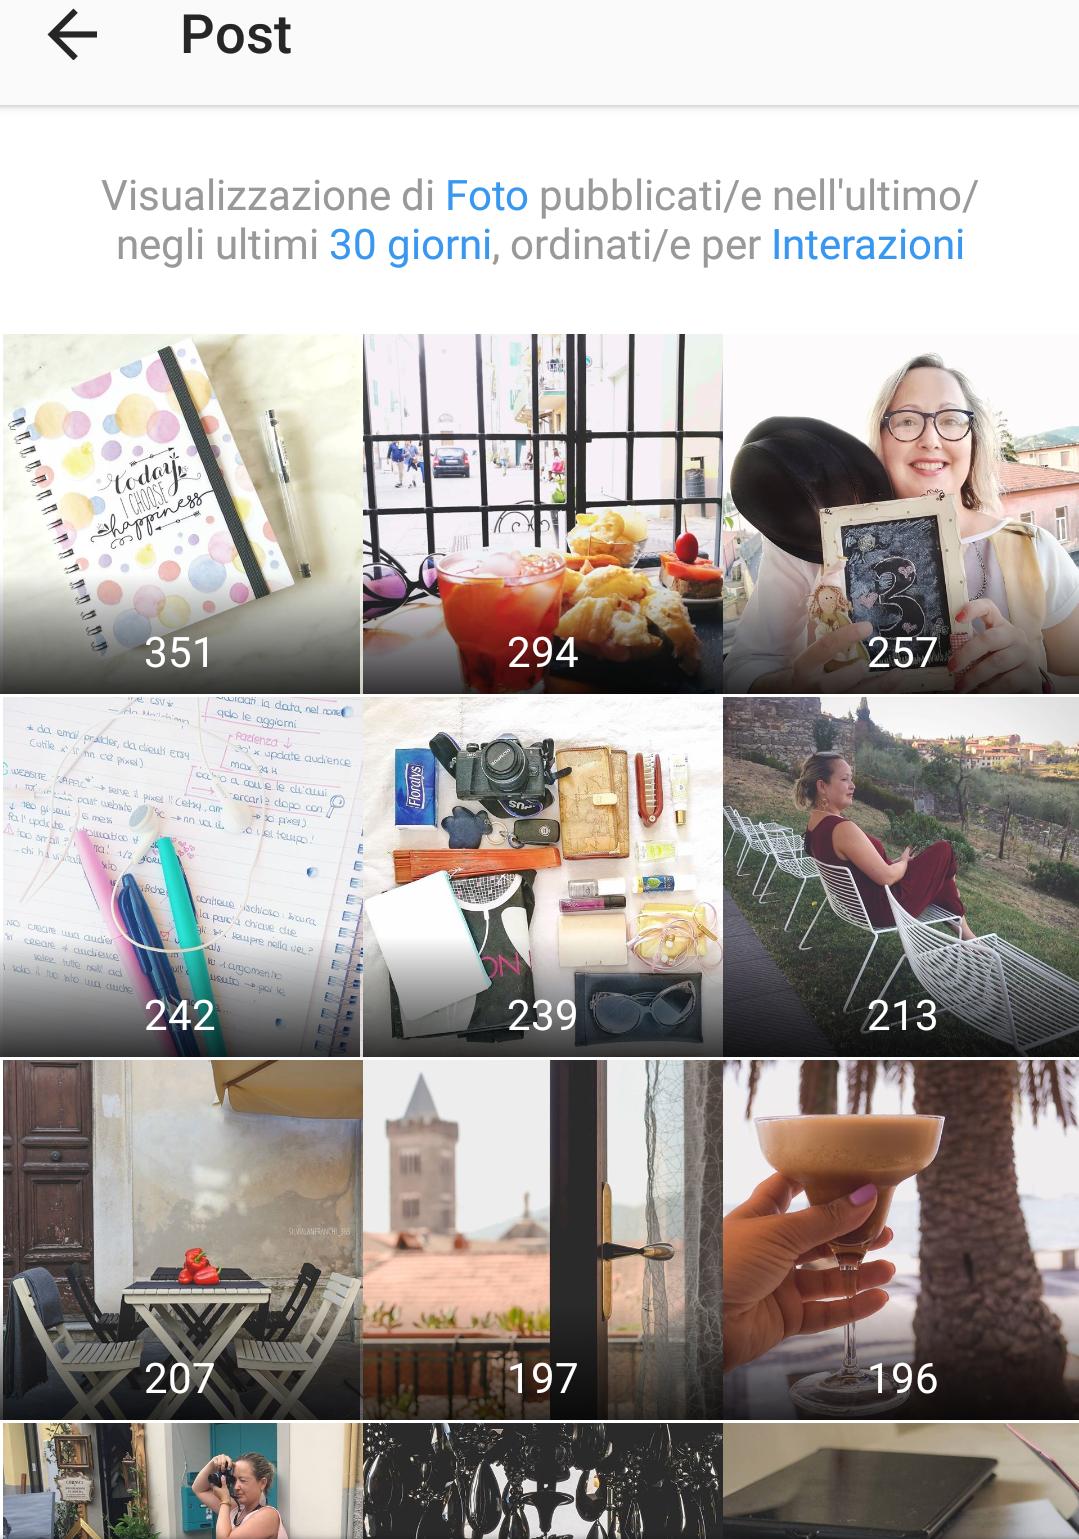 Interazioni ultimo mese Instagram